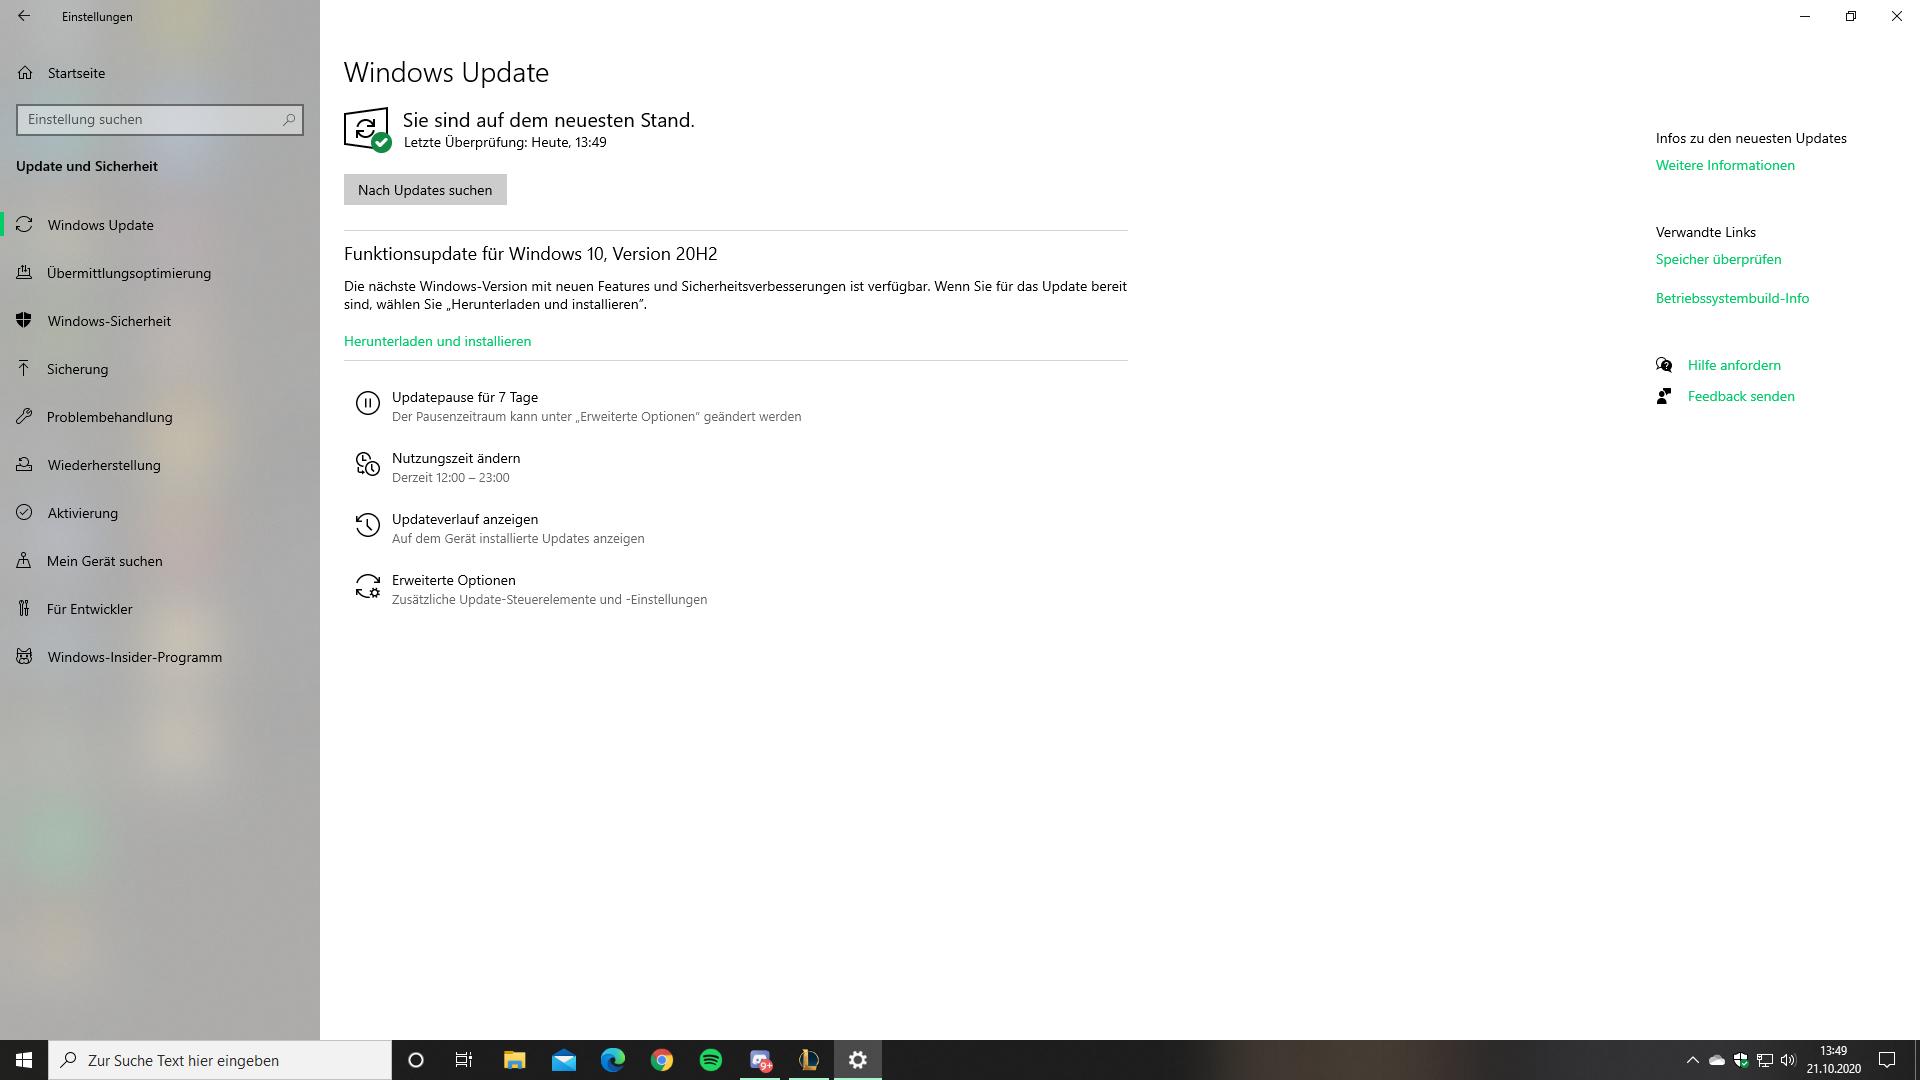 Neues 20H2 Update herunterladen oder warten